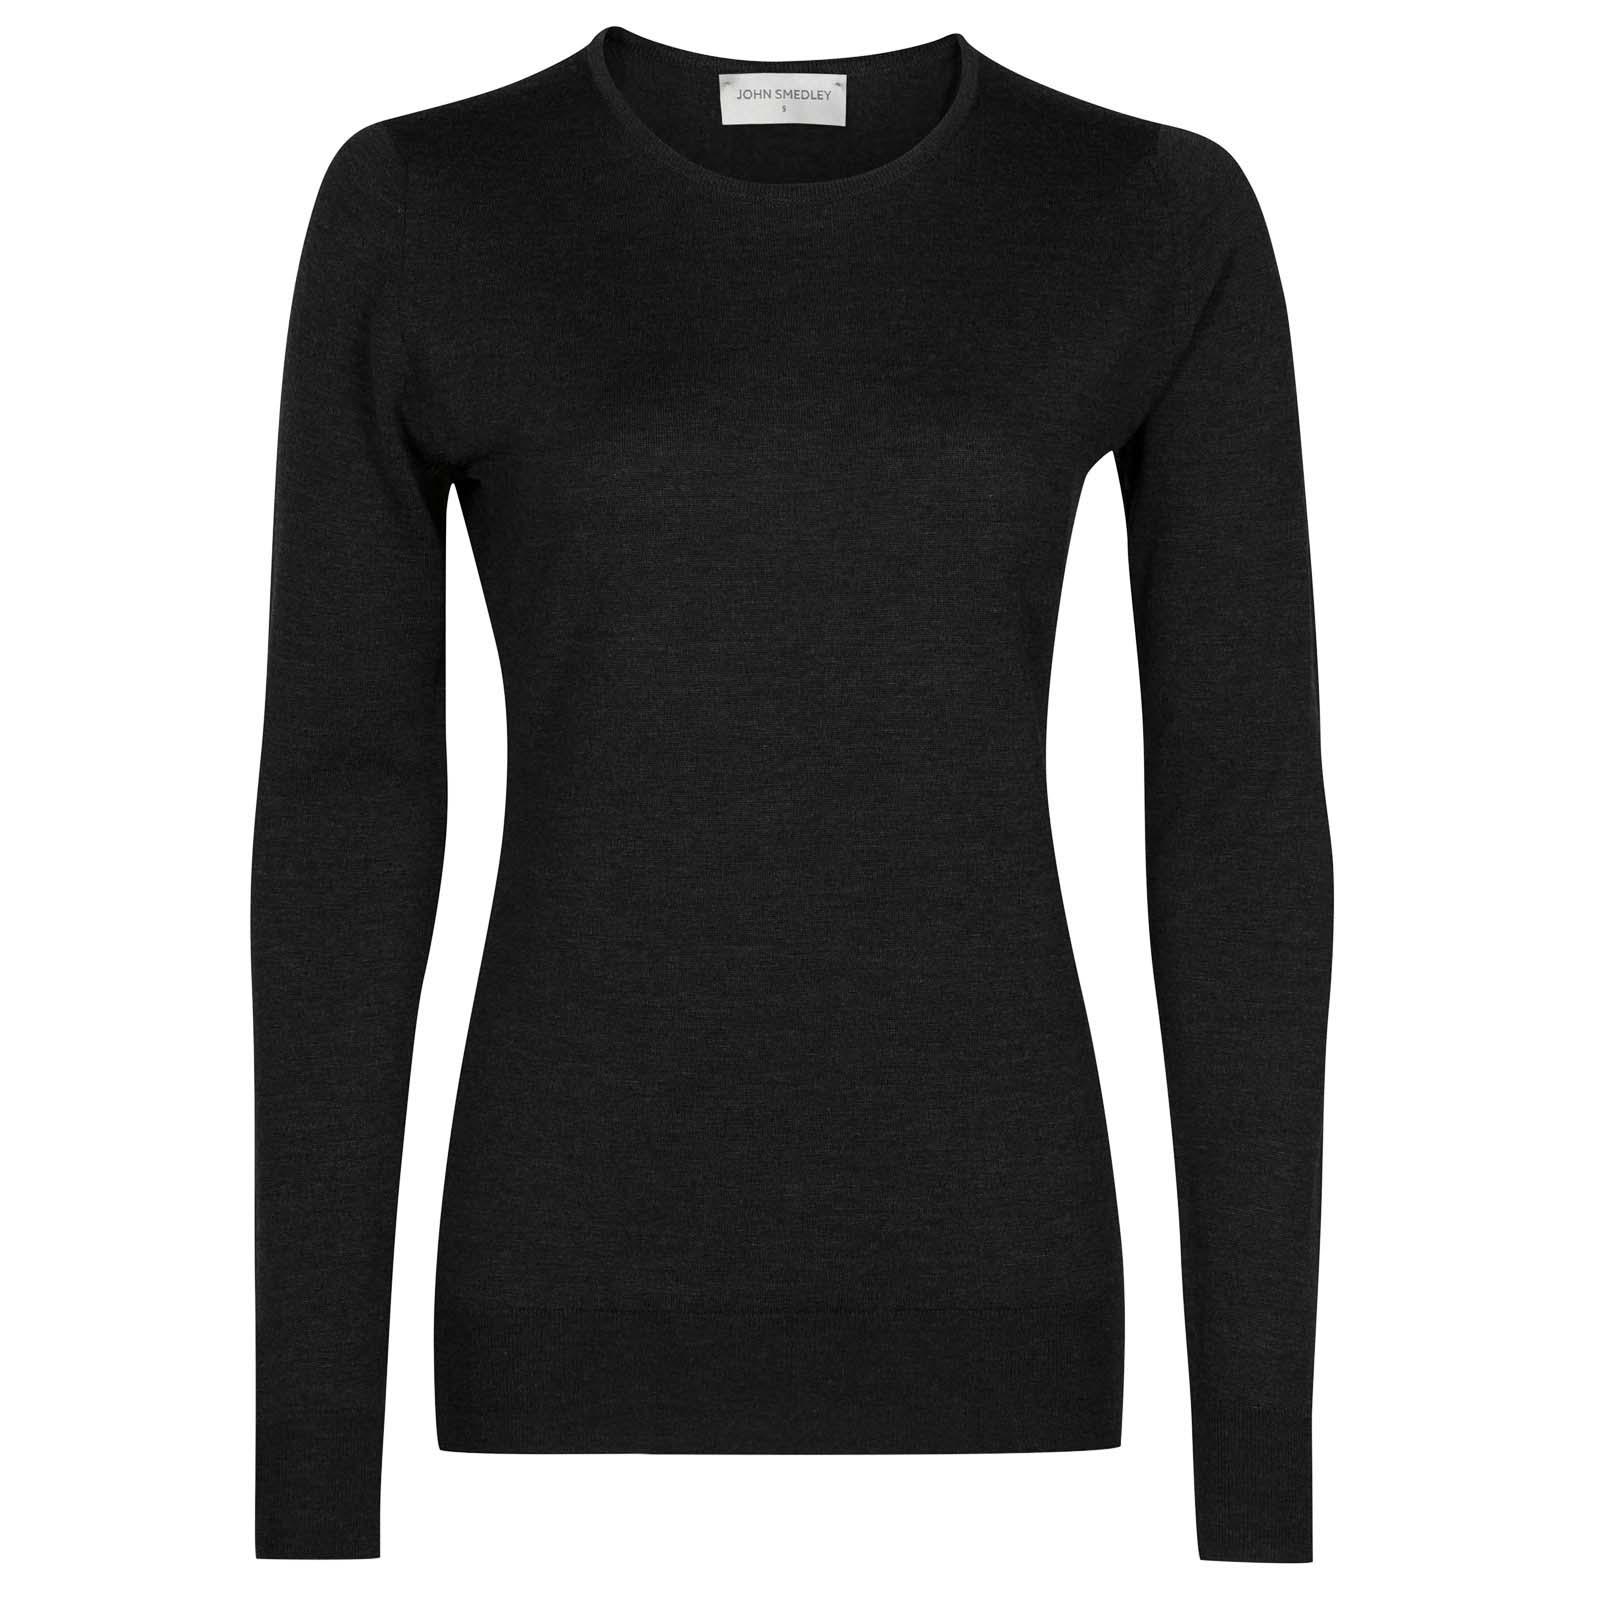 John Smedley geranium Merino Wool Sweater in Hepburn Smoke-S